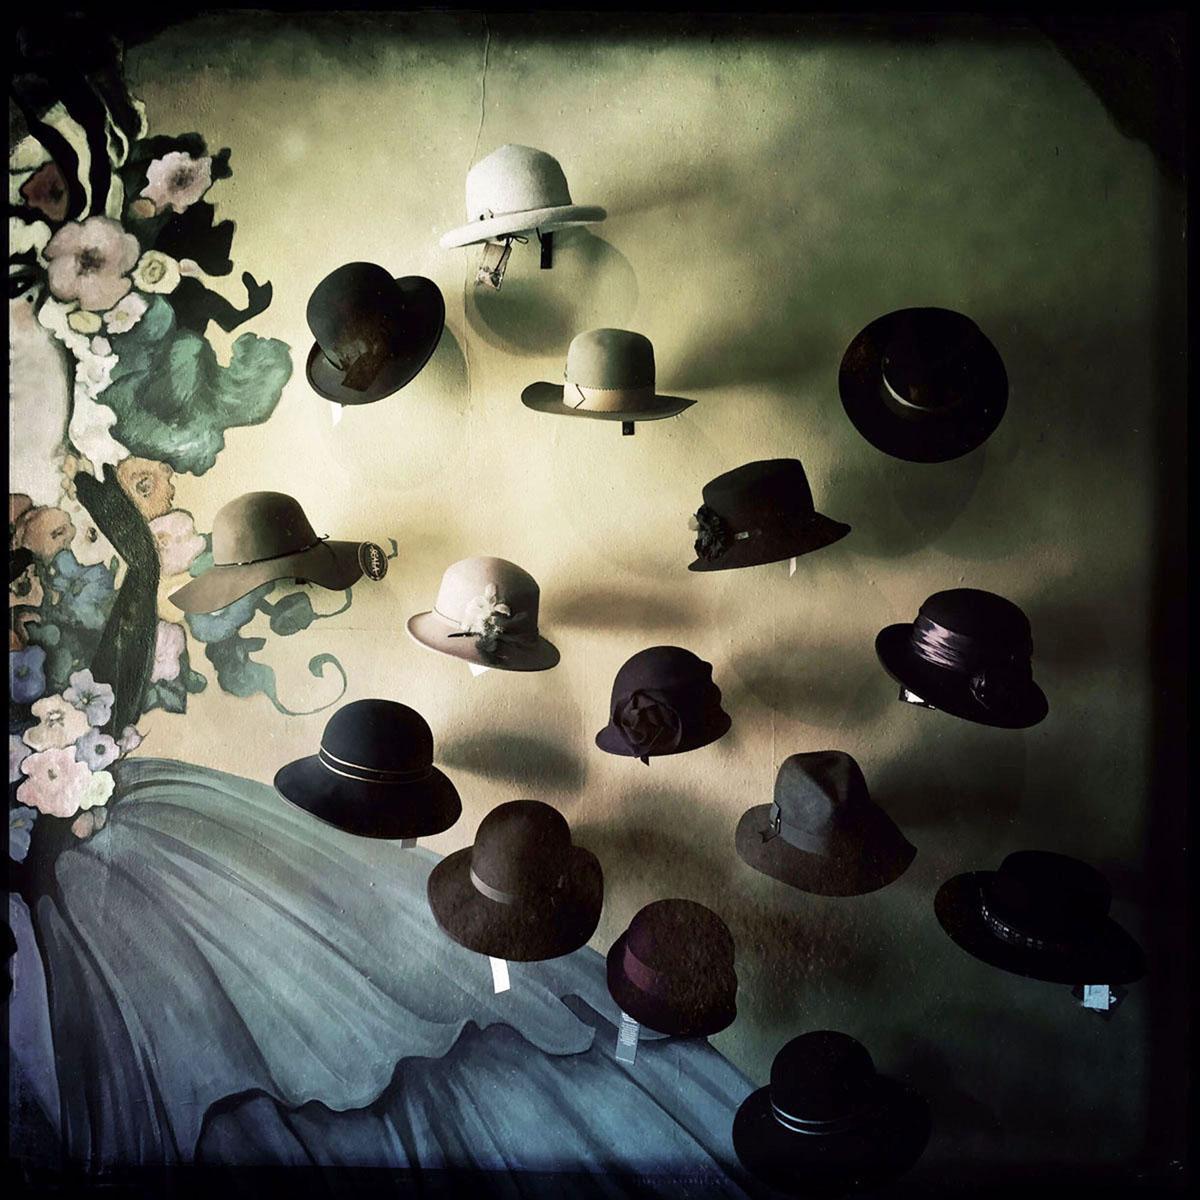 Arlene_Stanger_Hat Shop.jpg